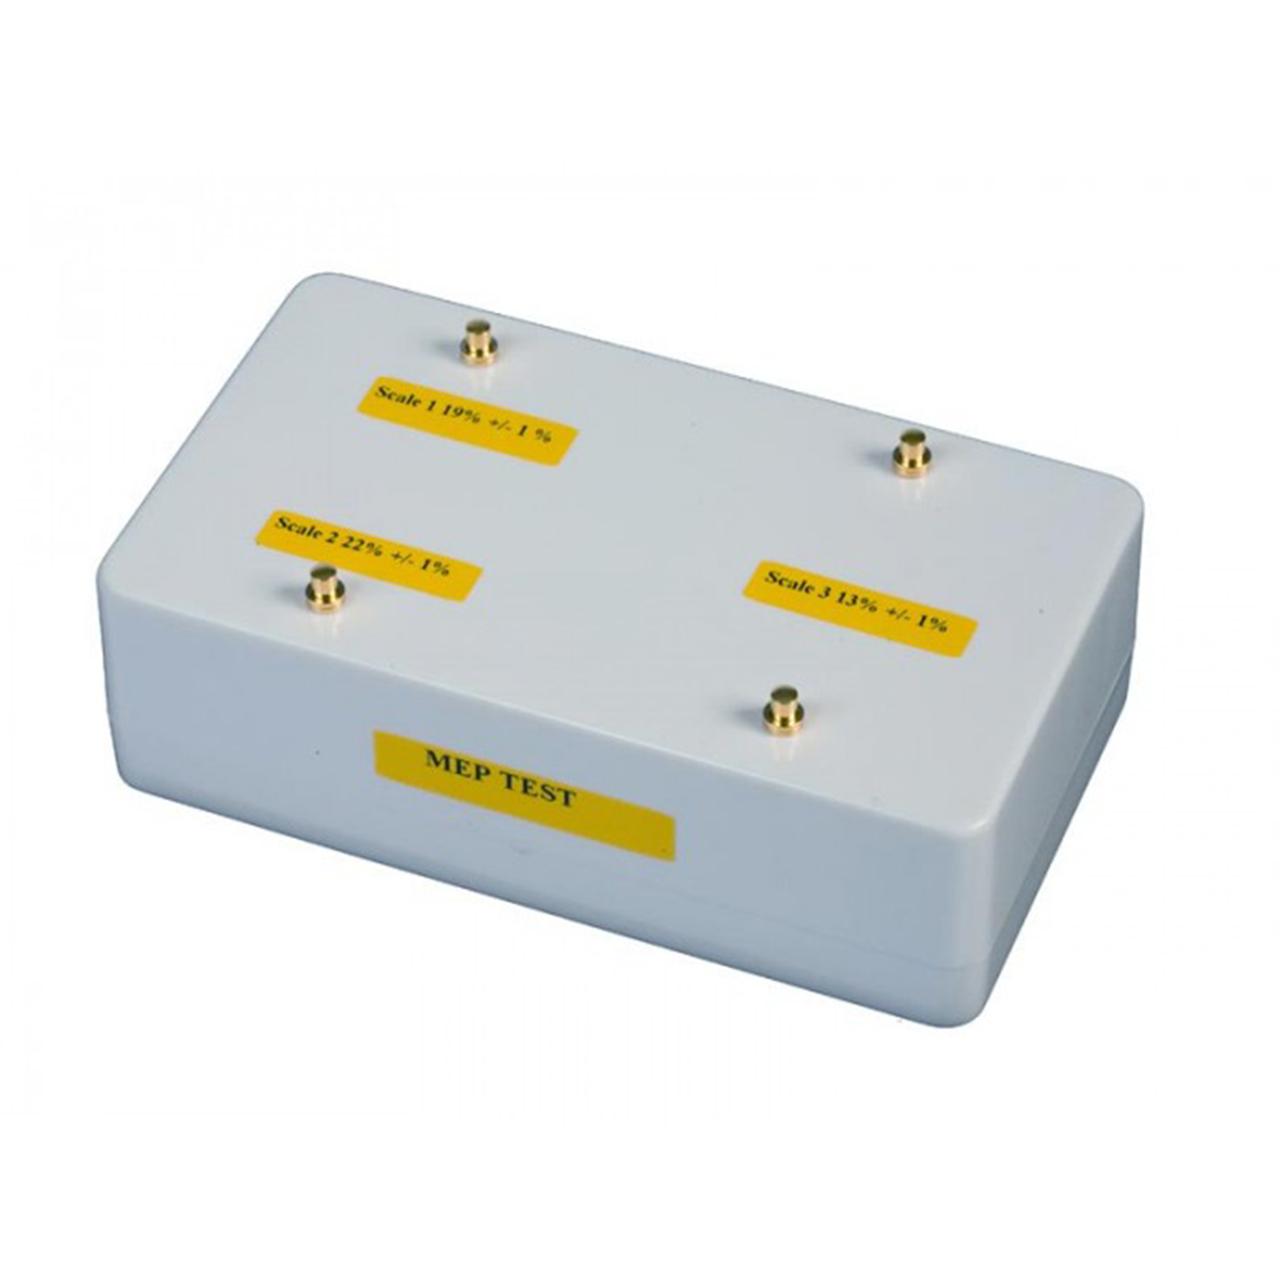 Tramex Calibration Check Box for Moisture Encounter Plus